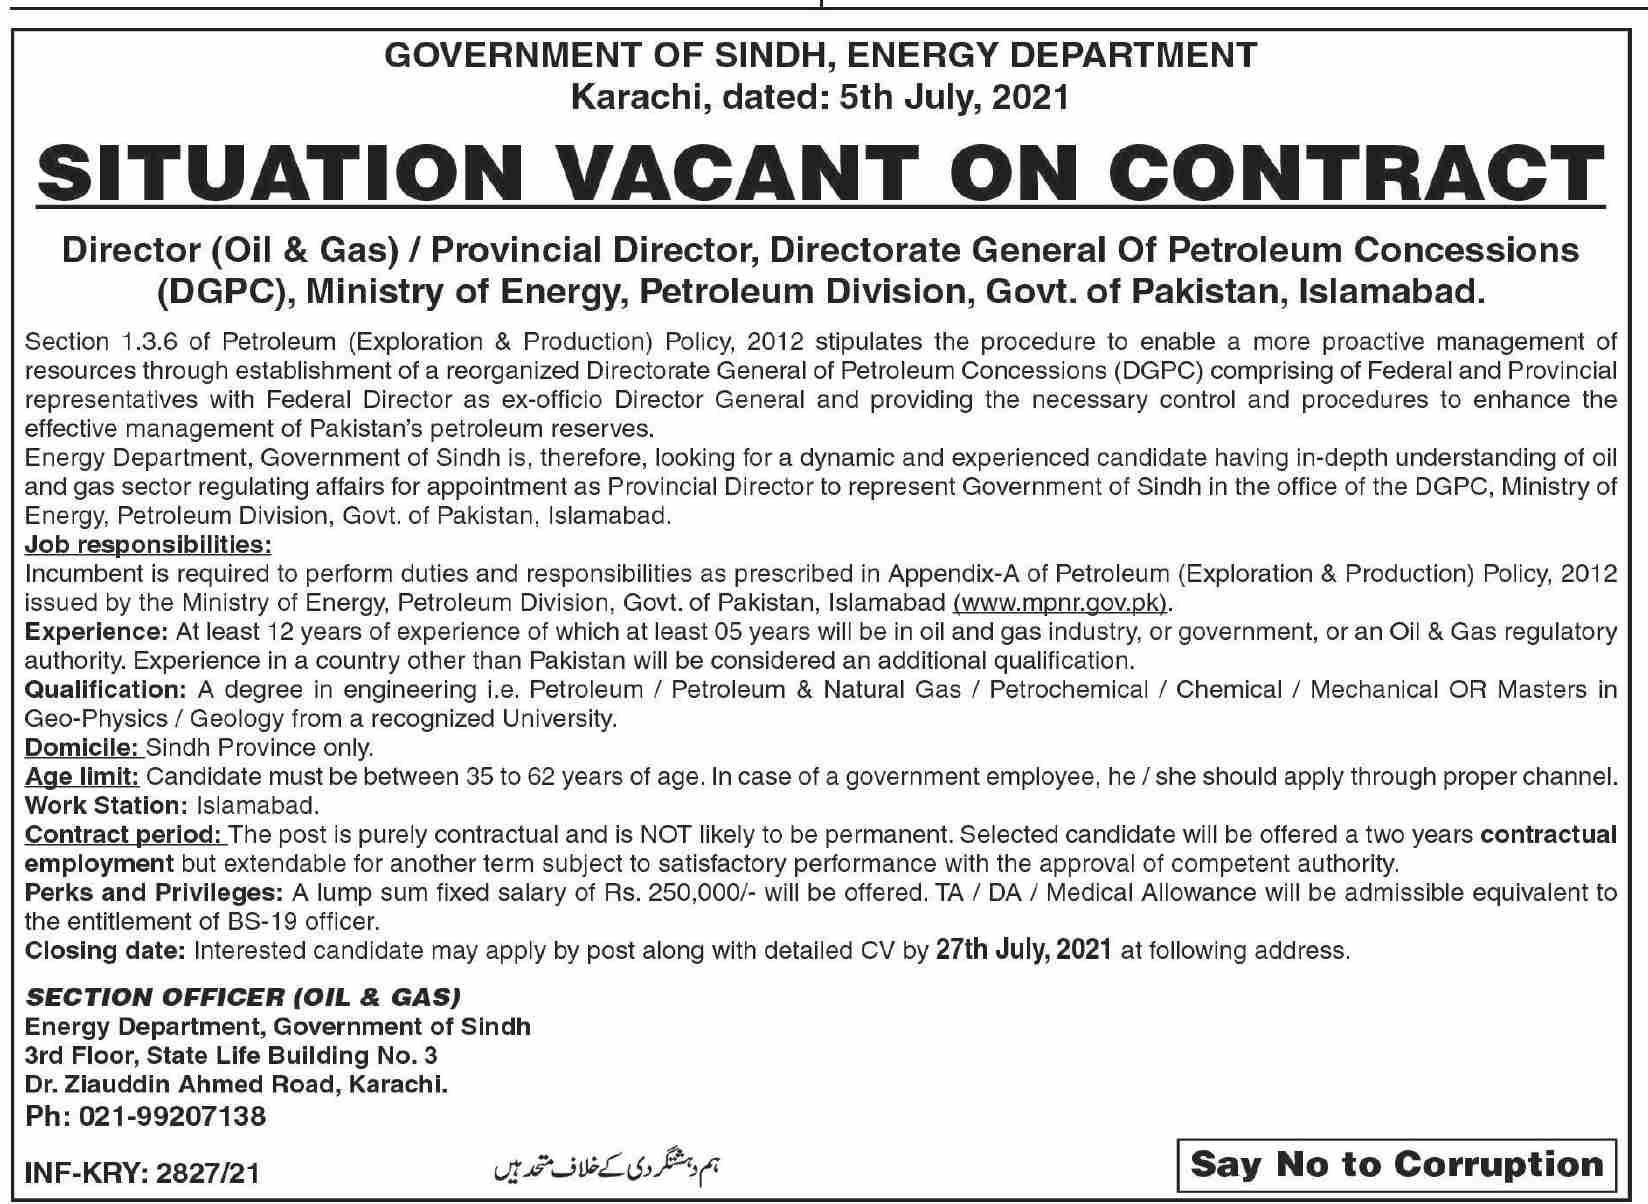 Jobs in Energy Department Govt of Sindh